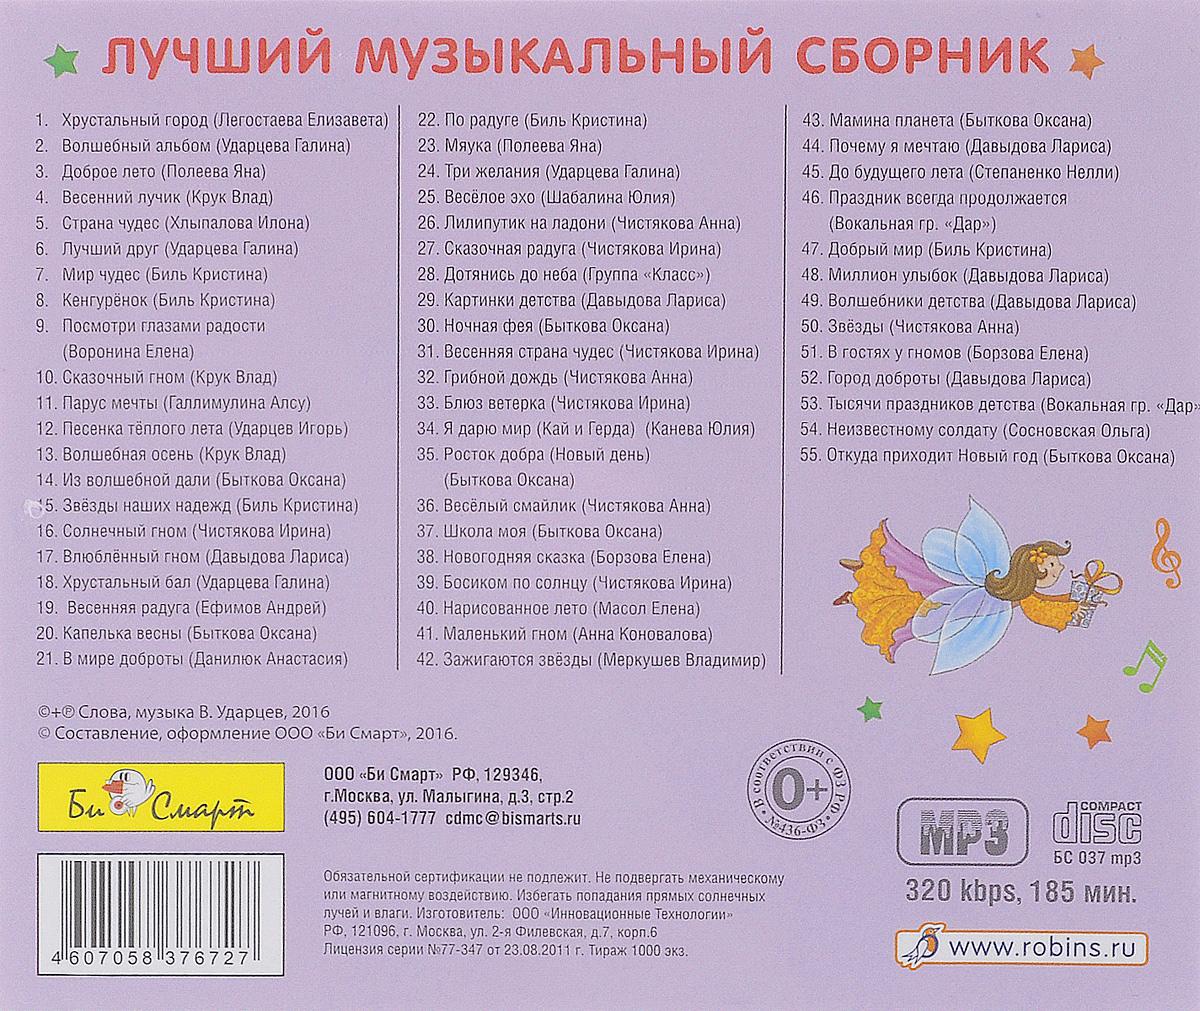 Виктор Ударцев.  Лучший музыкальный сборник (mp3) Би Смарт